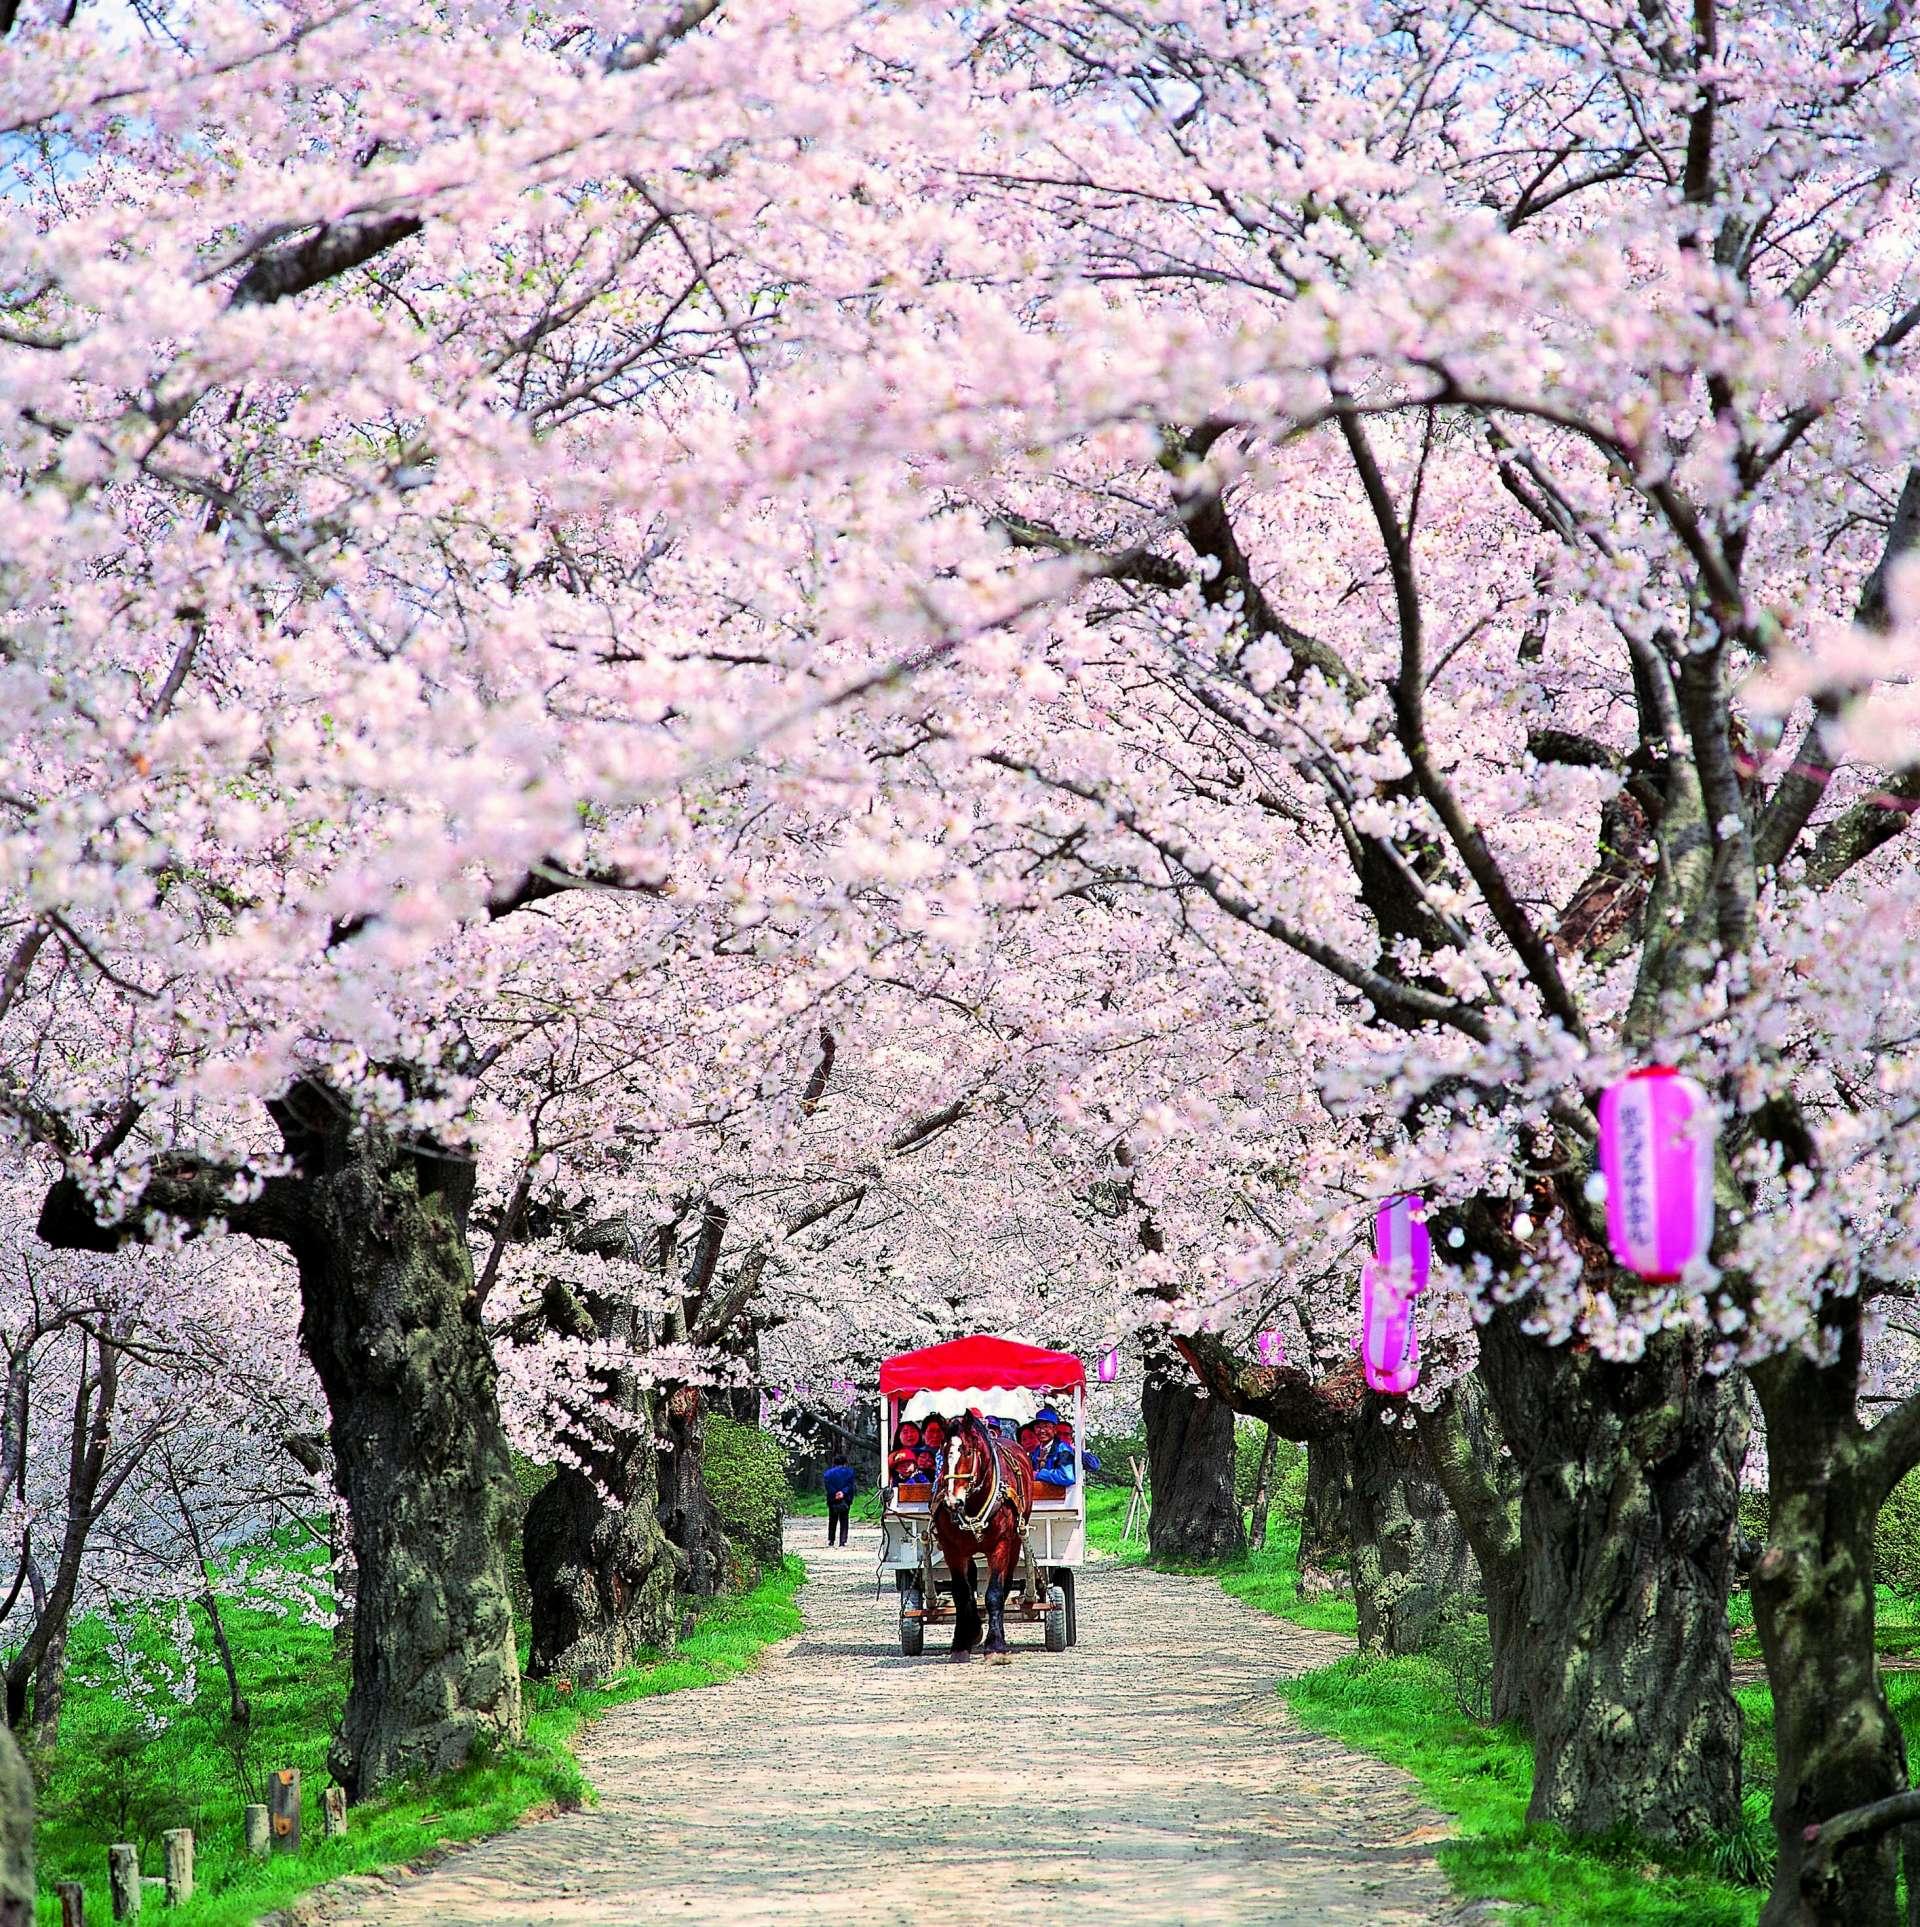 櫻花隧道上馬車漫步